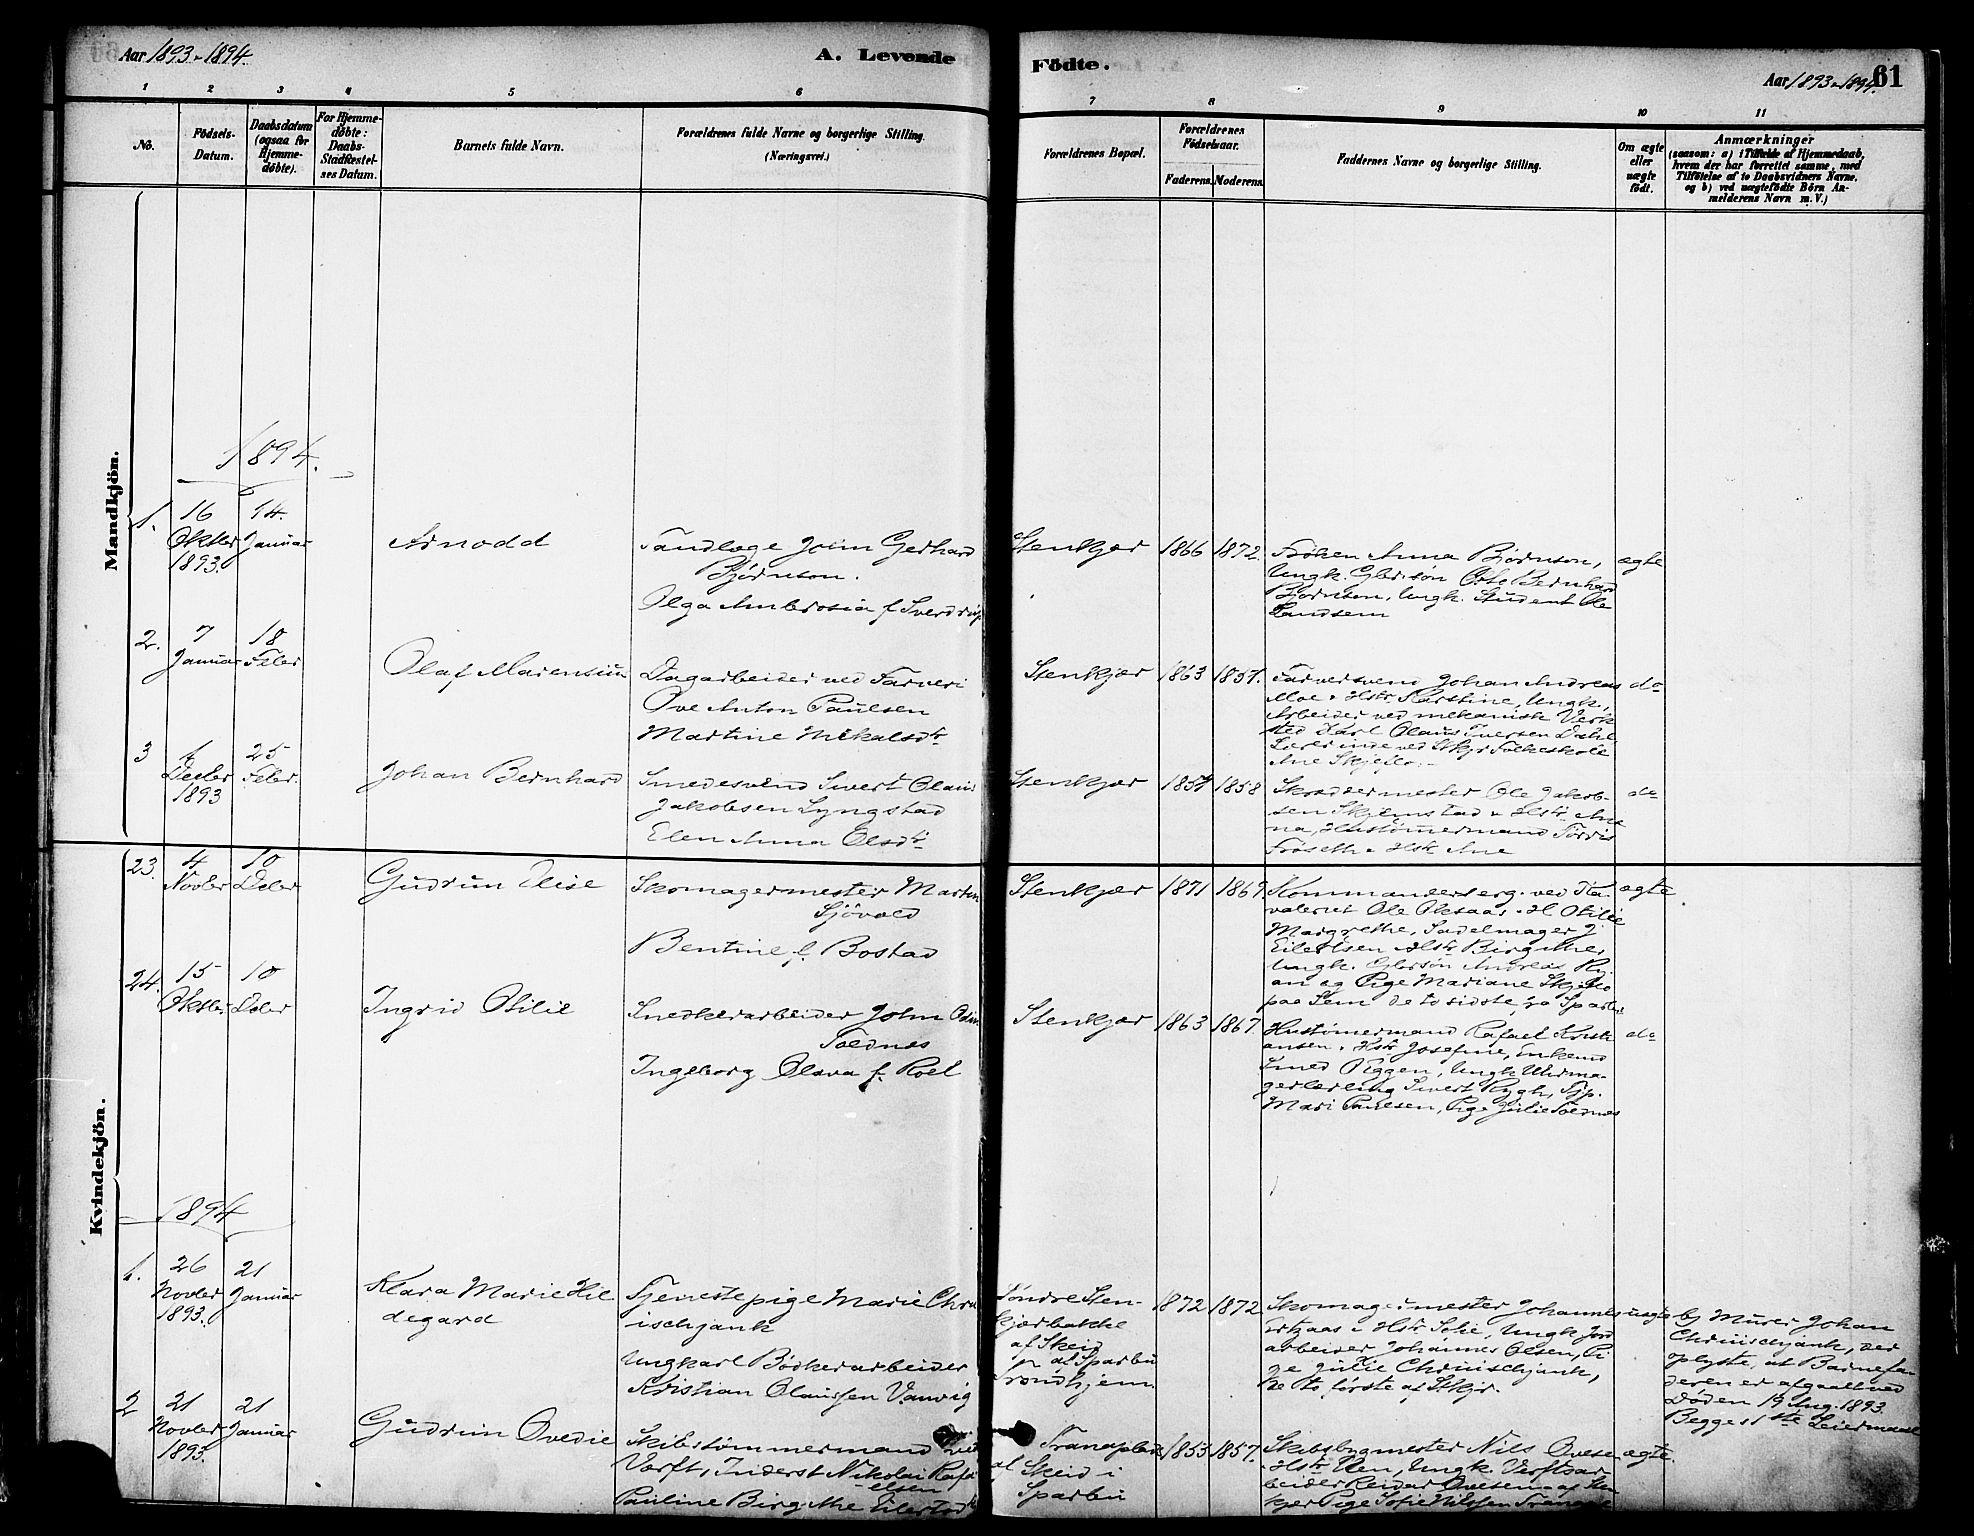 SAT, Ministerialprotokoller, klokkerbøker og fødselsregistre - Nord-Trøndelag, 739/L0371: Ministerialbok nr. 739A03, 1881-1895, s. 61